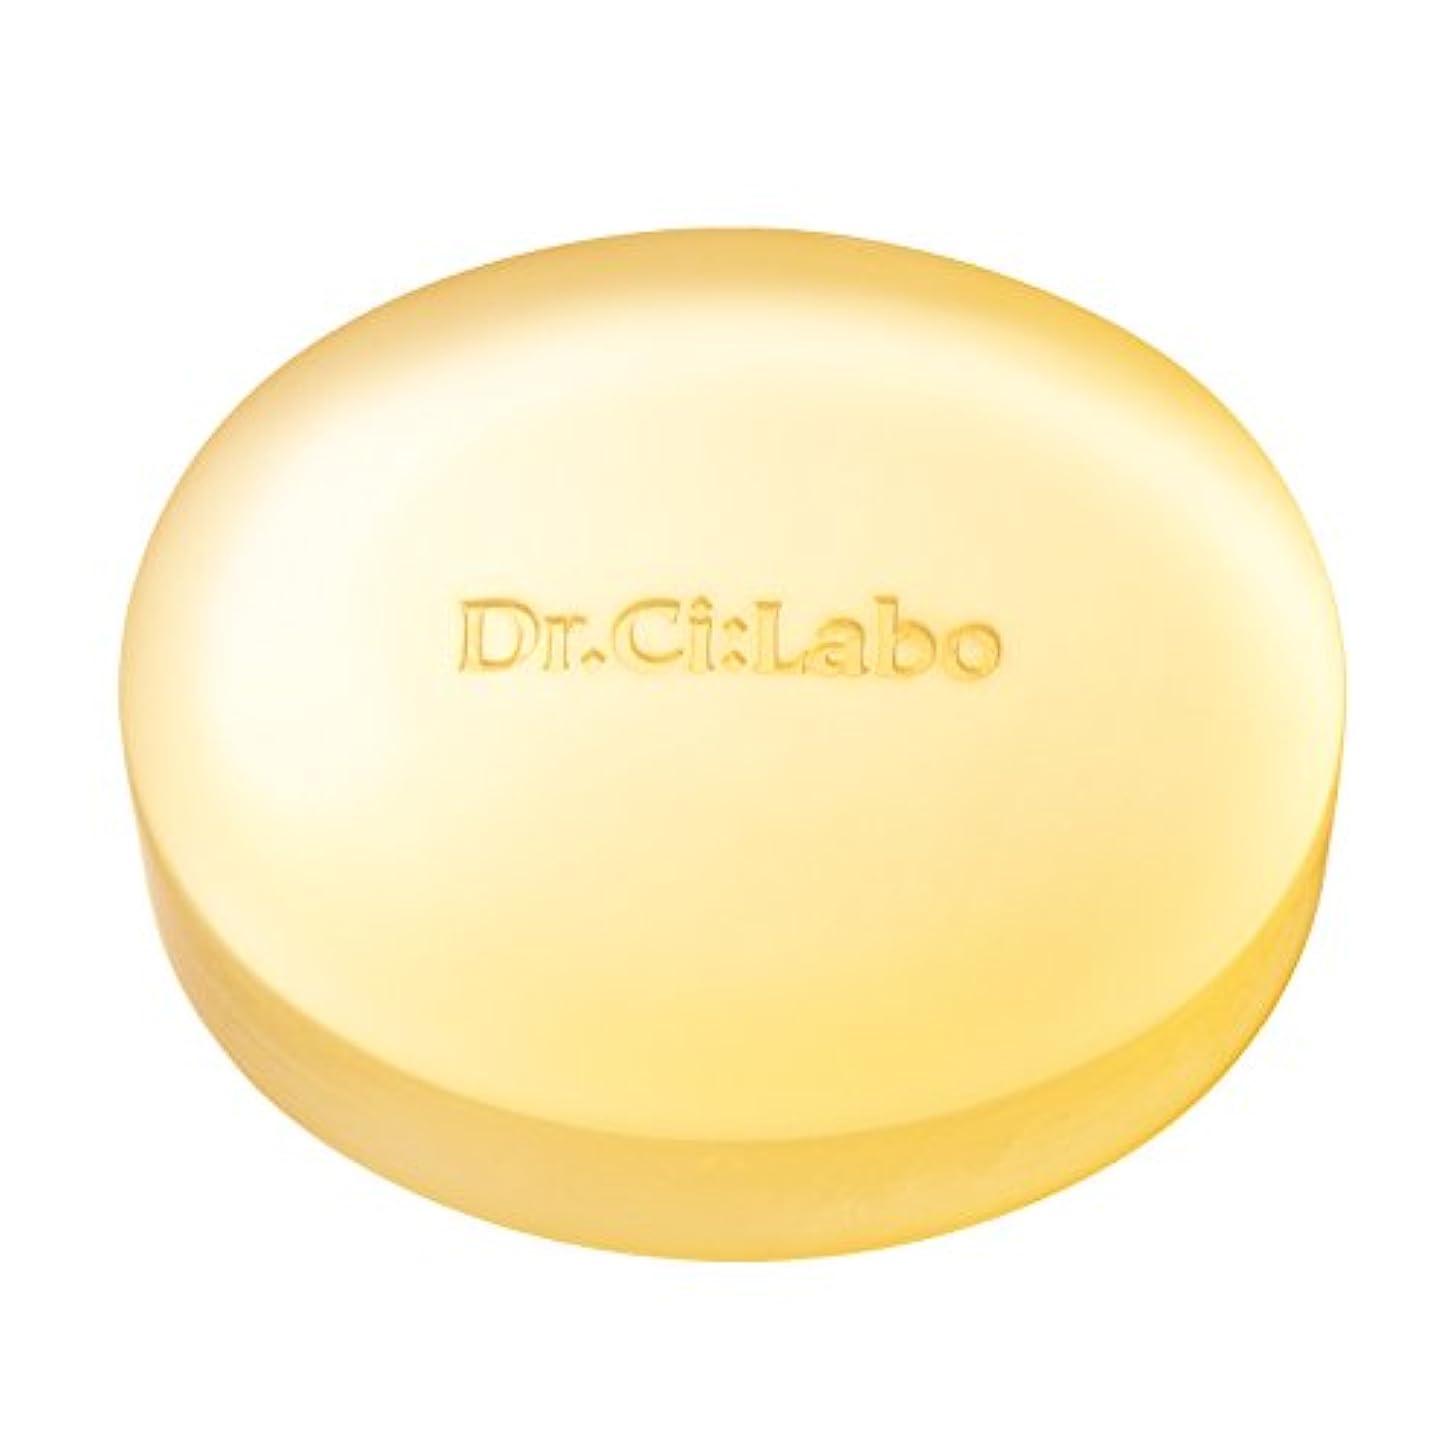 周波数新しさ永遠のドクターシーラボ フォトホワイトCホワイトソープ 角質オフ石鹸 90g 洗顔せっけん